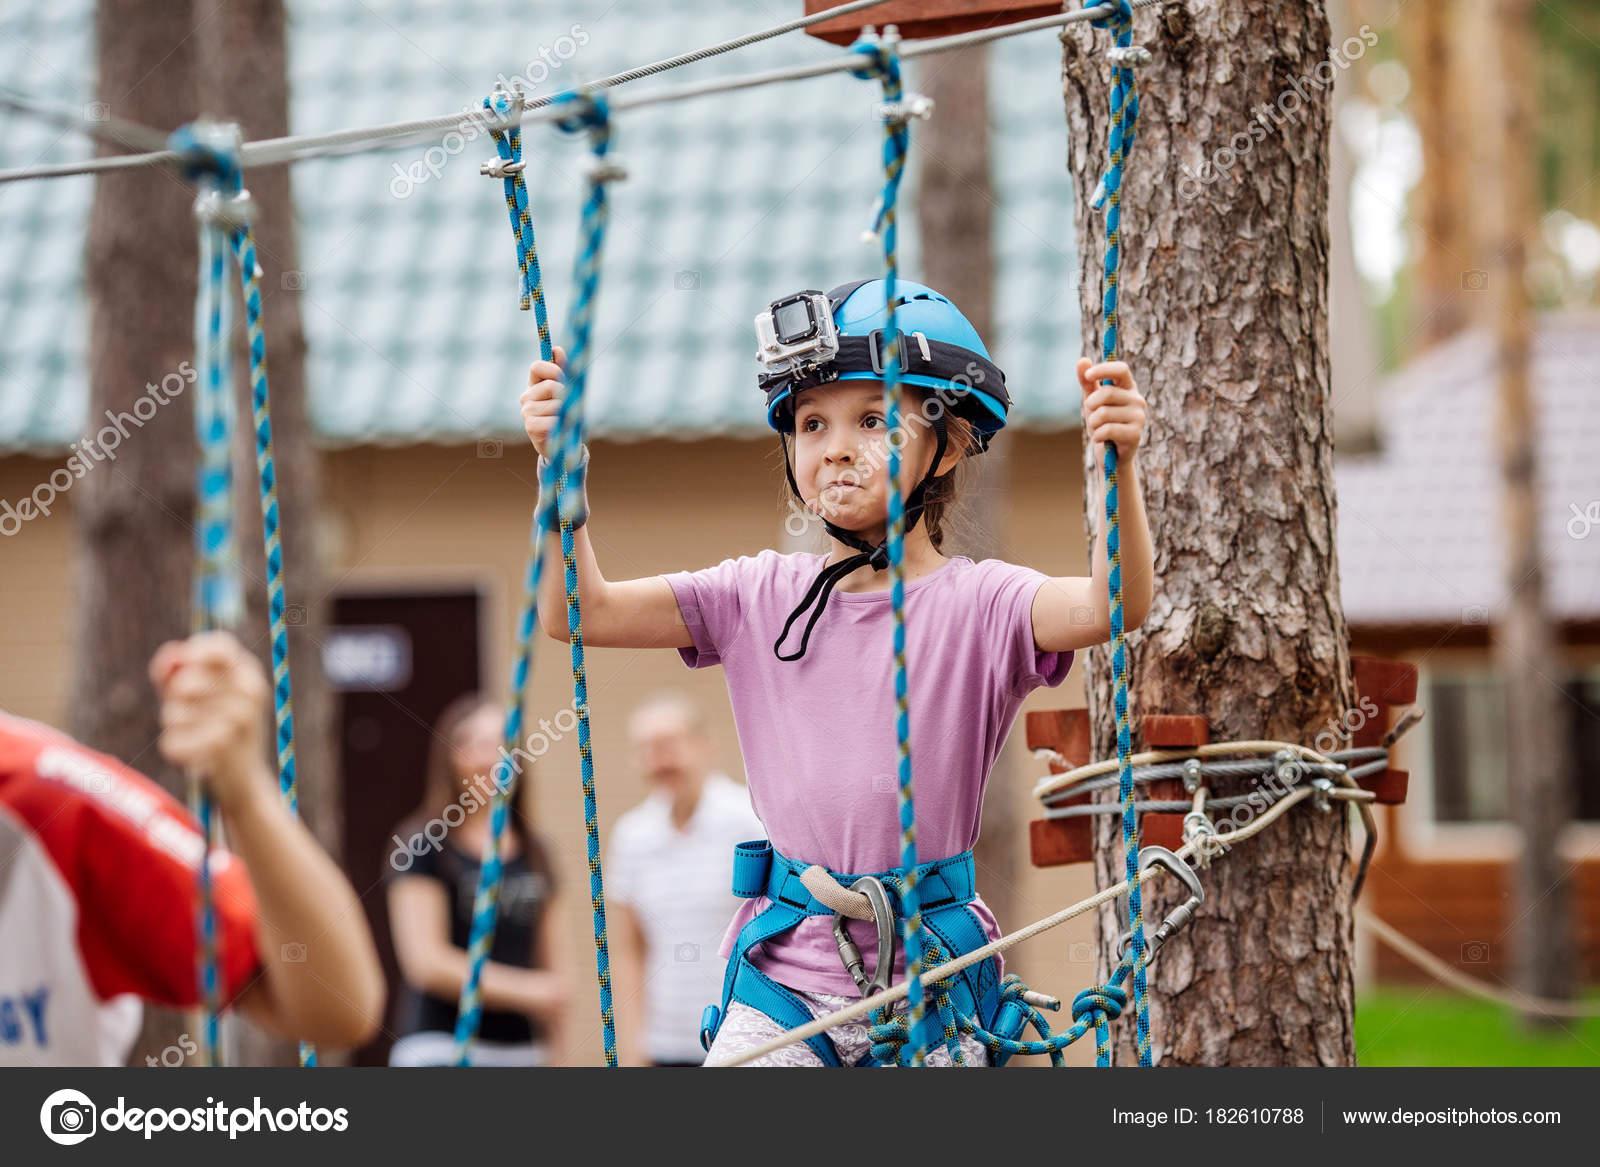 Kletterausrüstung Baum : Babymädchen mit kletterausrüstung im abenteuerpark engagieren ich